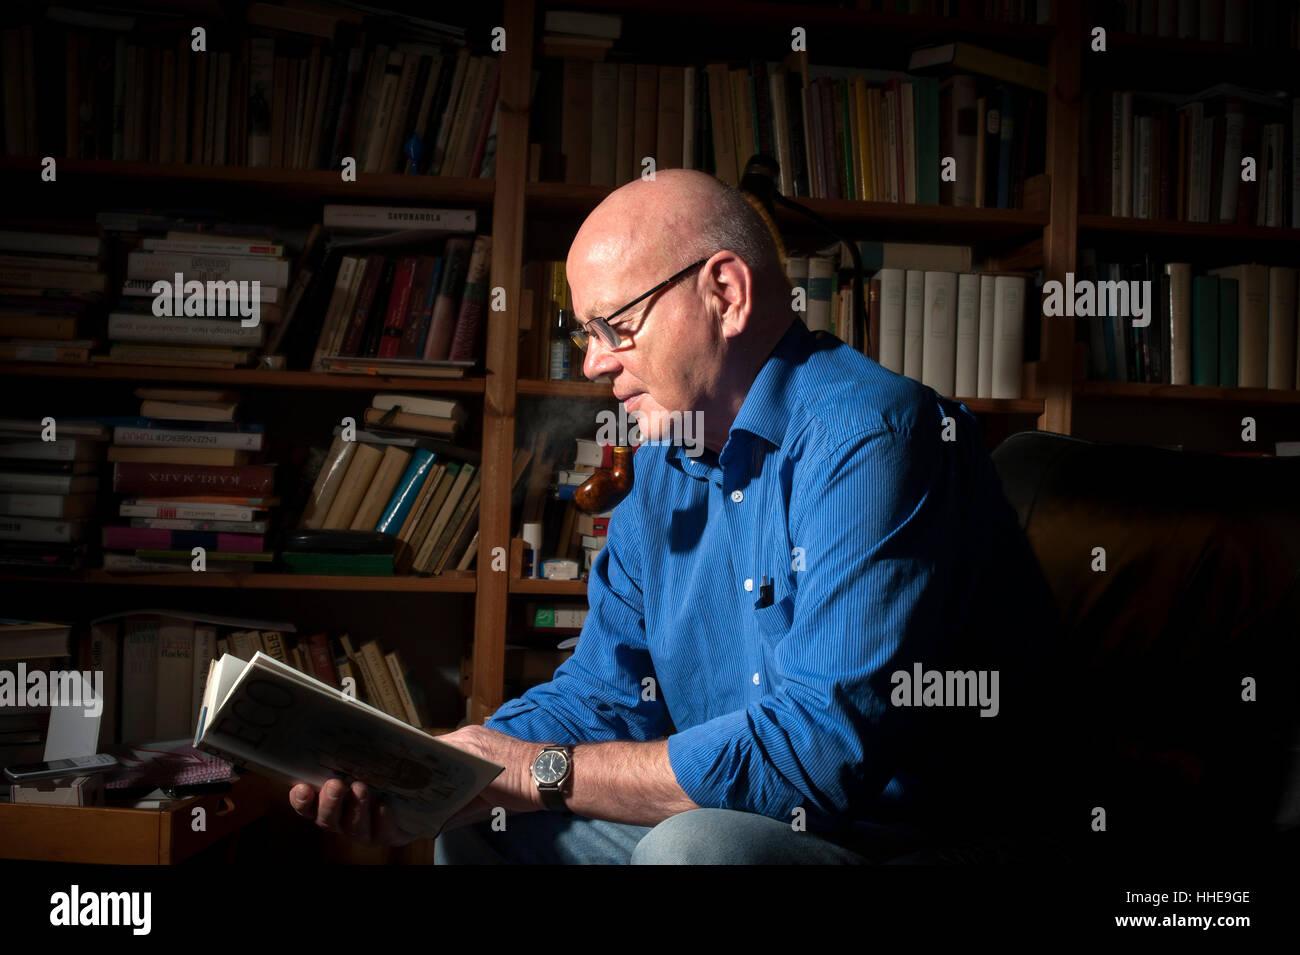 Un pensionné lecture à son étude à la maison. Photo Stock